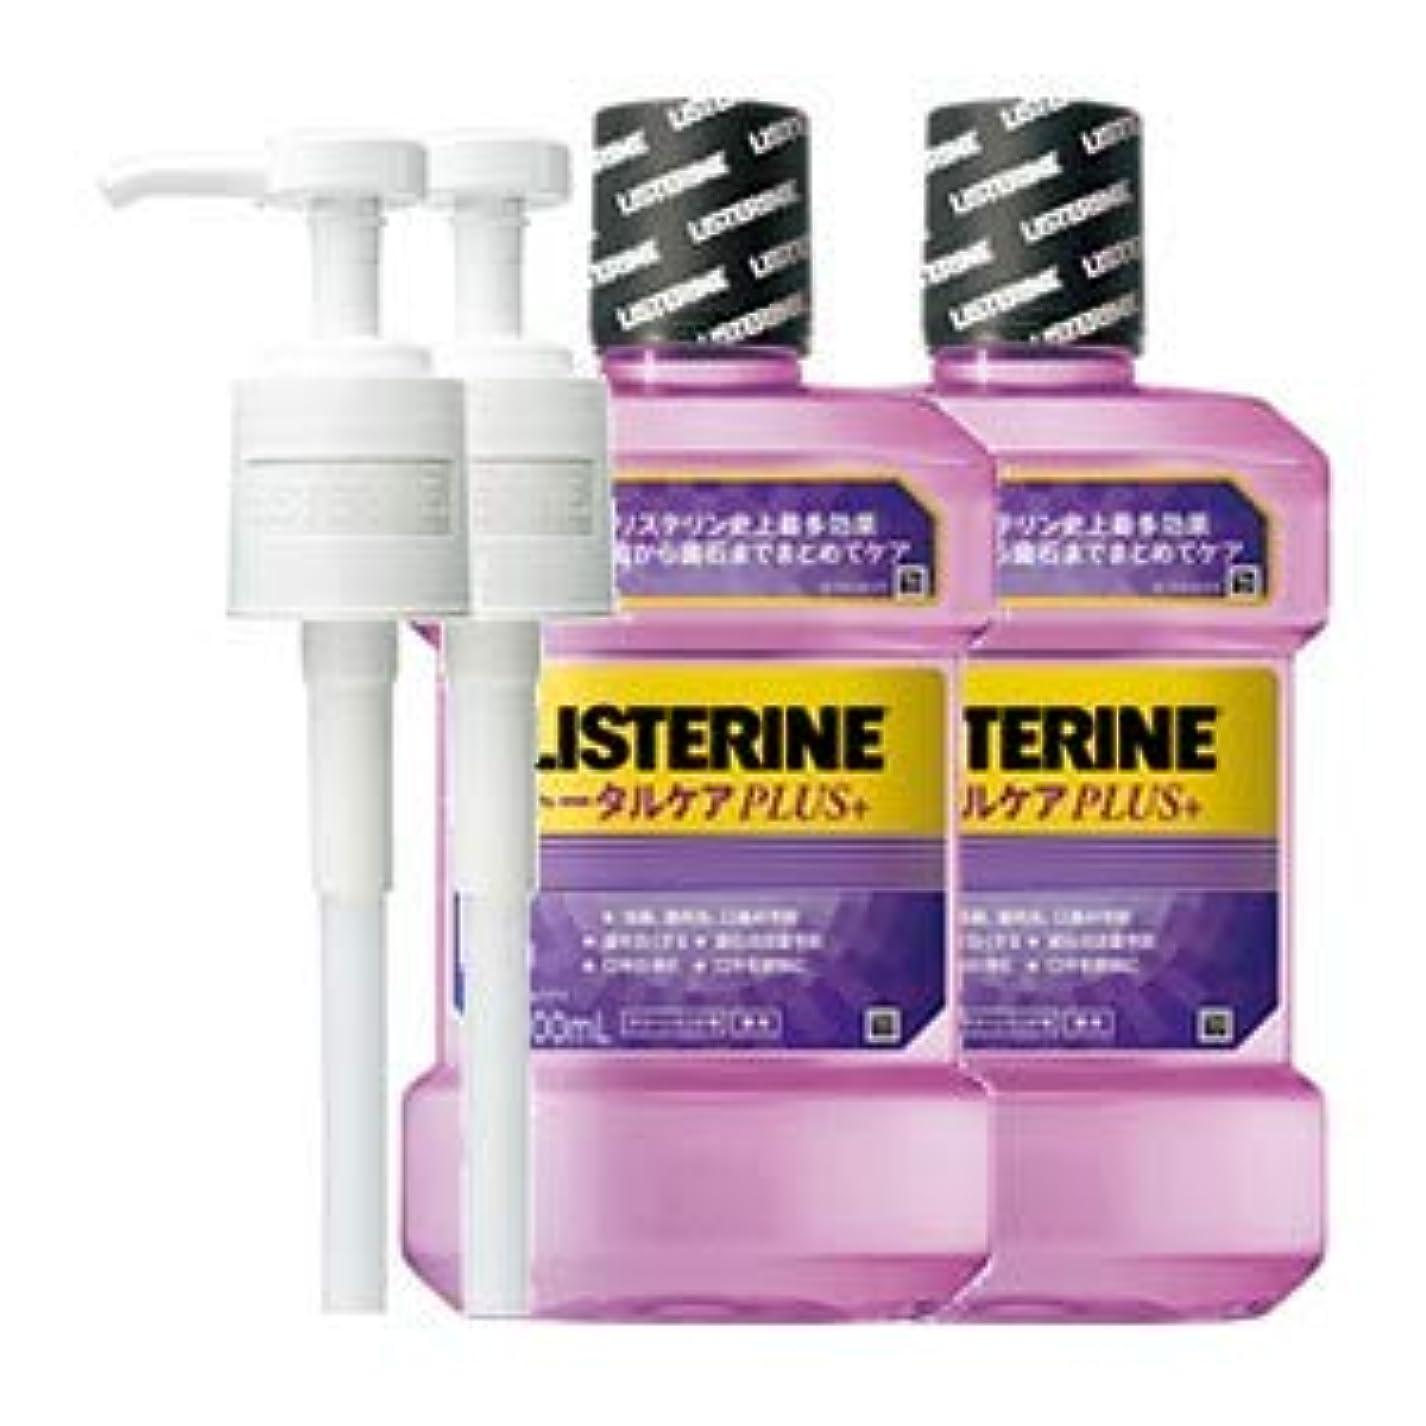 宇宙のテレックス励起薬用リステリン トータルケアプラス (液体歯磨) 1000mL 2点セット (ポンプ付)